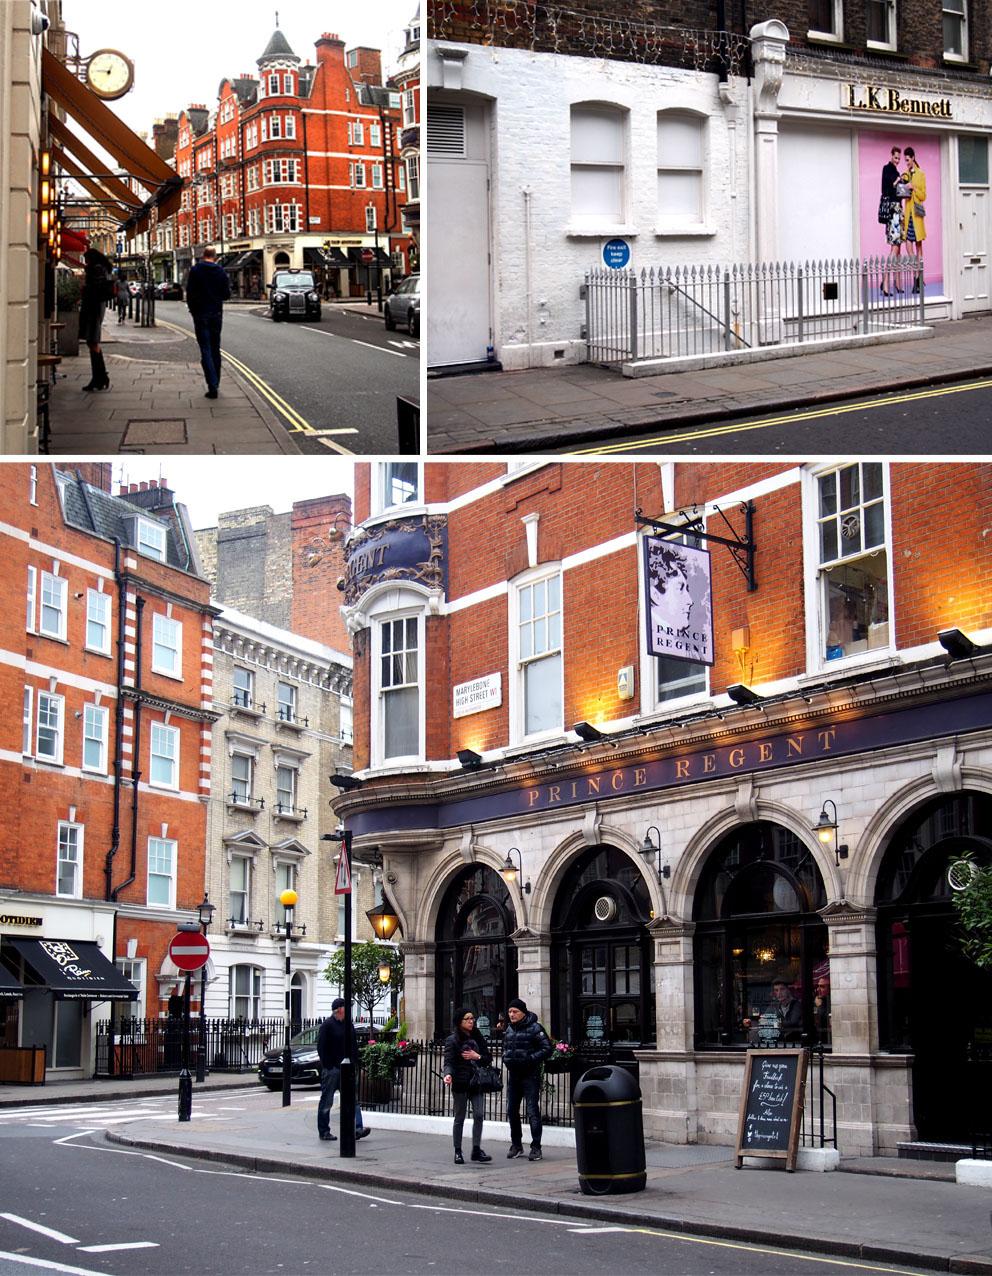 Tiendas en Marylebone Londres edificios